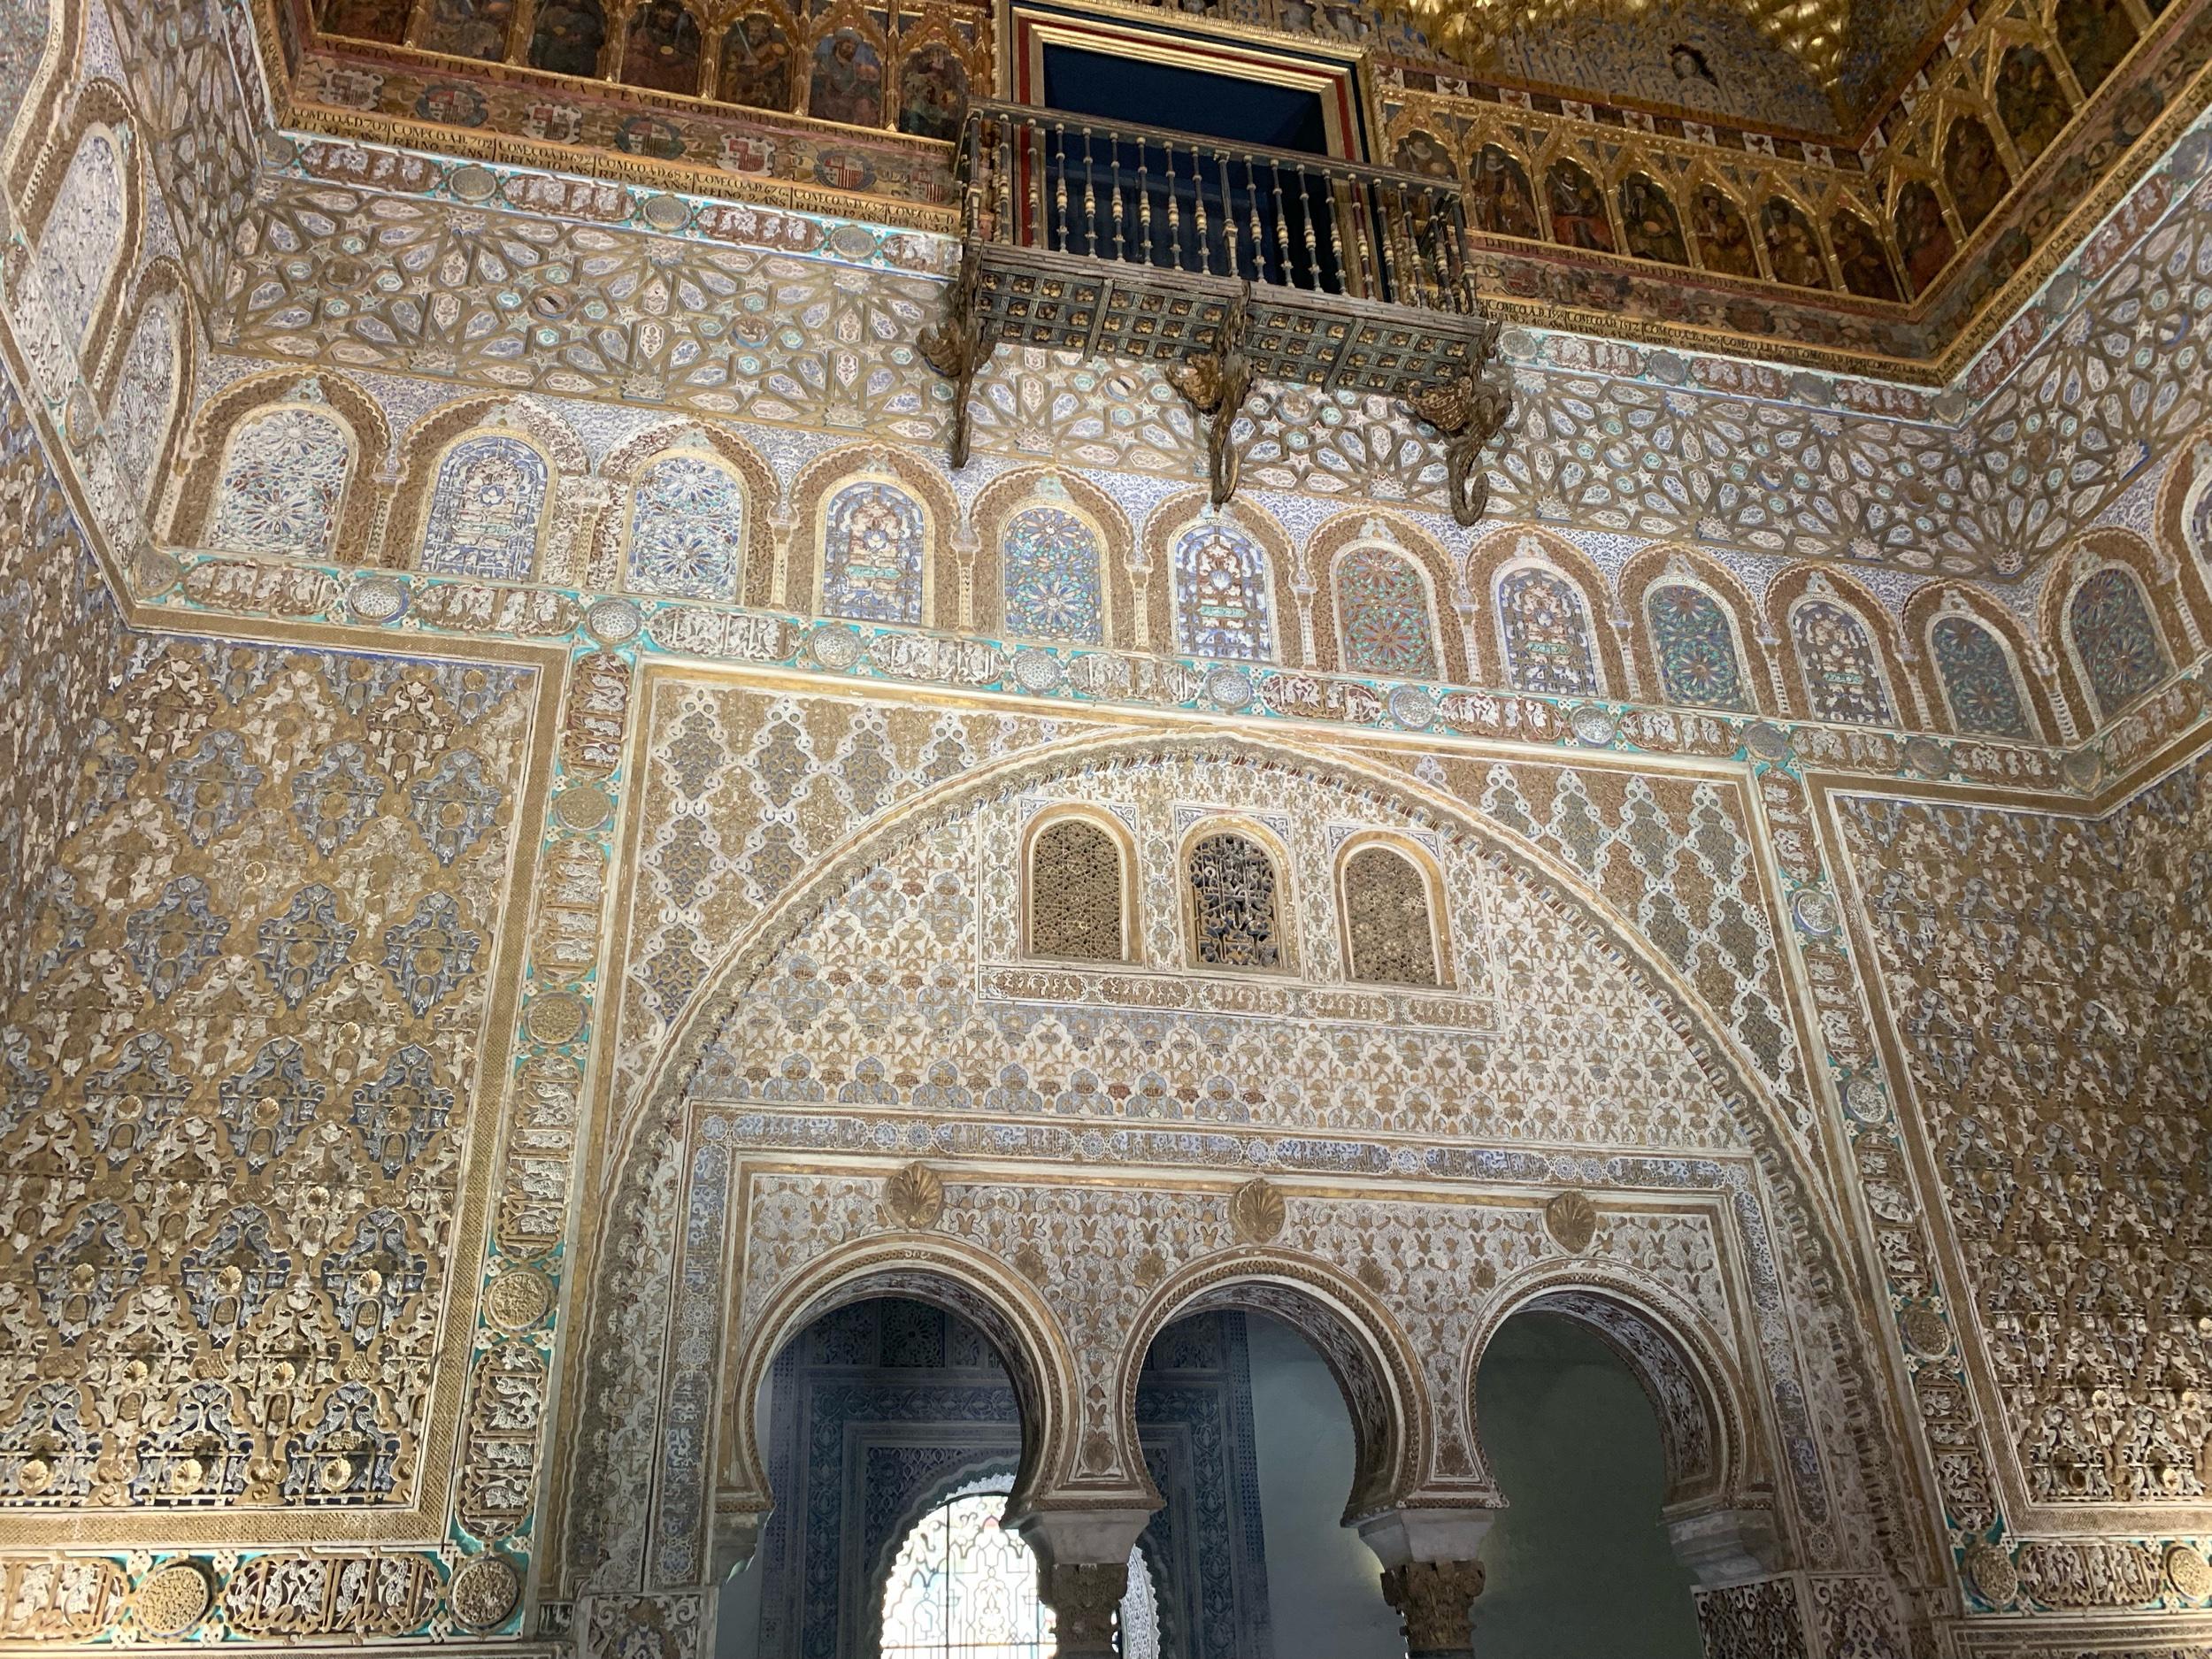 Pedro I Palace in the Alcazar